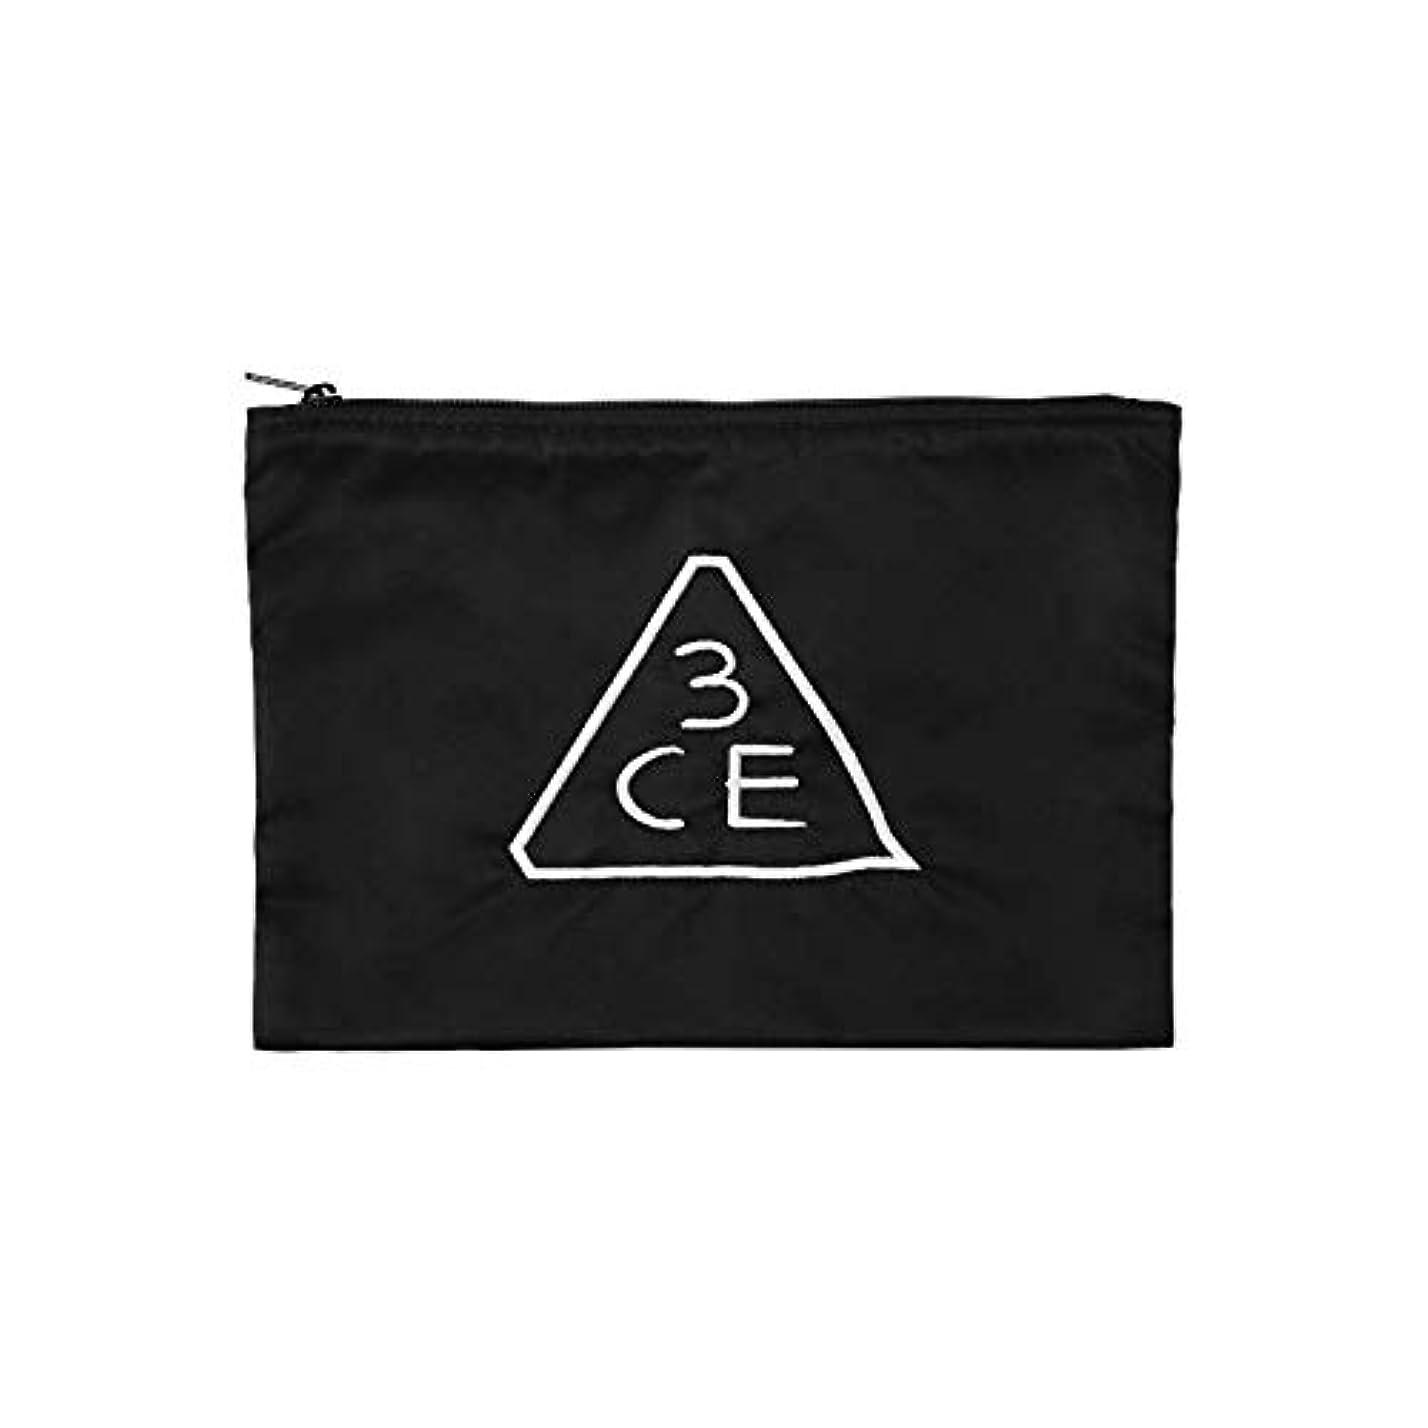 指令レンダー反論者3CE フラットポーチ FLAT POUCH MEDIUM #BLACK [並行輸入品]